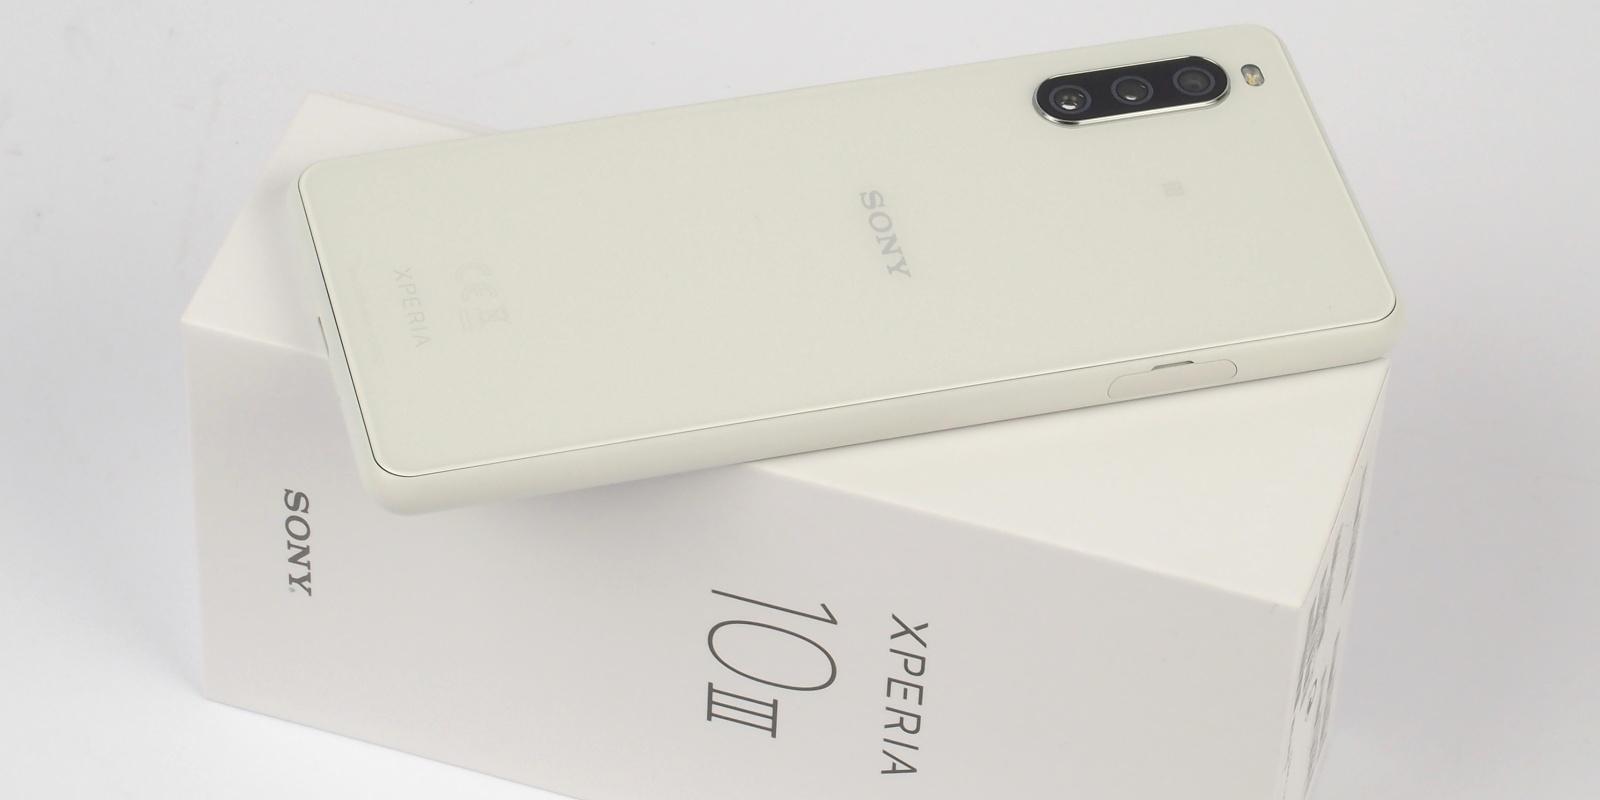 Recenze mobilu Sony Xperia 10 III. Kompaktní držák se slušným výkonem